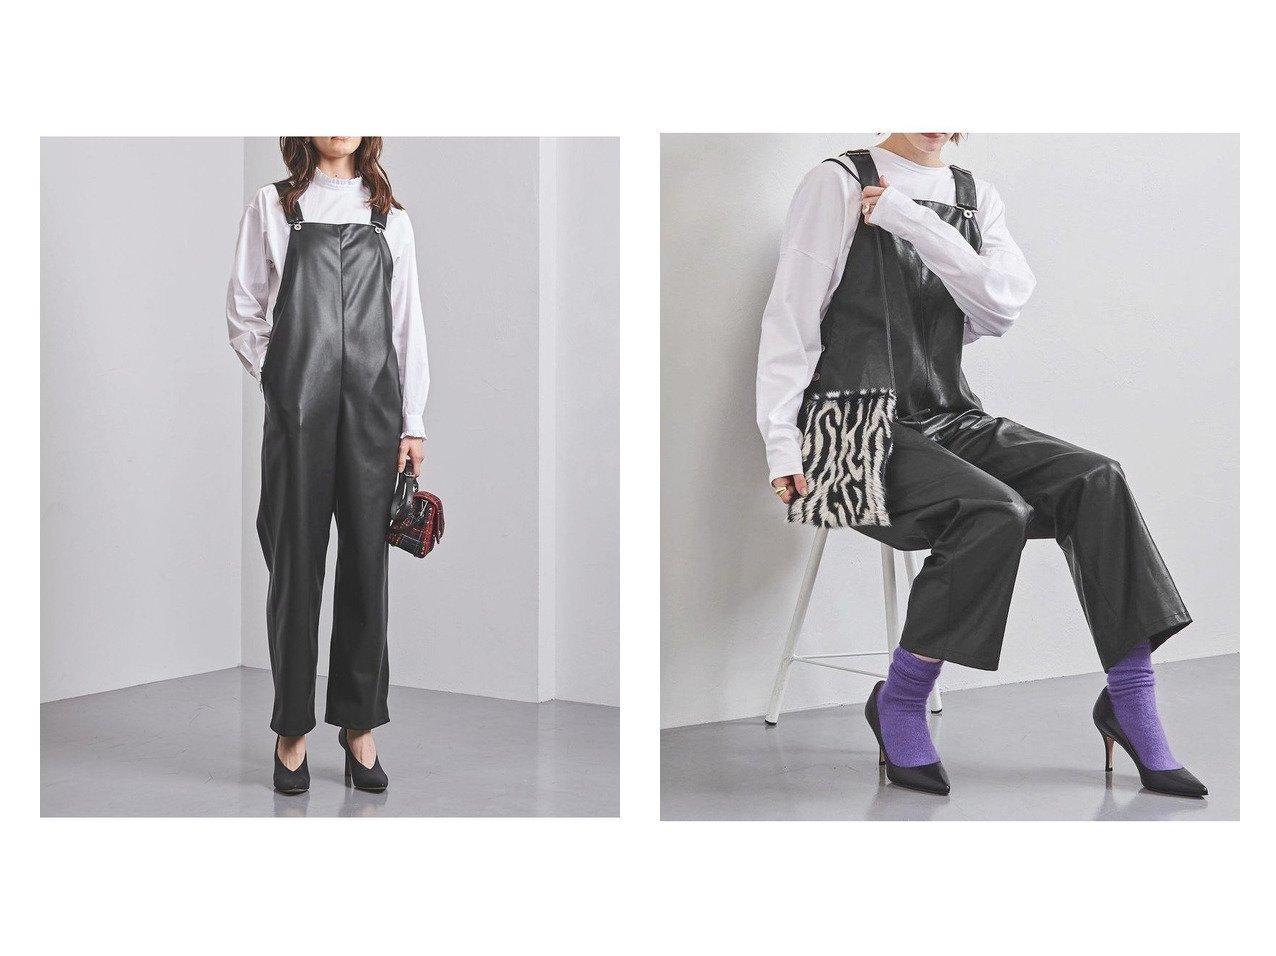 【UNITED ARROWS/ユナイテッドアローズ】のUWMSC フェイクレザー サロペット† UNITED ARROWSのおすすめ!人気、トレンド・レディースファッションの通販 おすすめで人気の流行・トレンド、ファッションの通販商品 メンズファッション・キッズファッション・インテリア・家具・レディースファッション・服の通販 founy(ファニー) https://founy.com/ ファッション Fashion レディースファッション WOMEN サロペット シンプル ジーンズ パッチ フェイクレザー ポケット リアル |ID:crp329100000020559